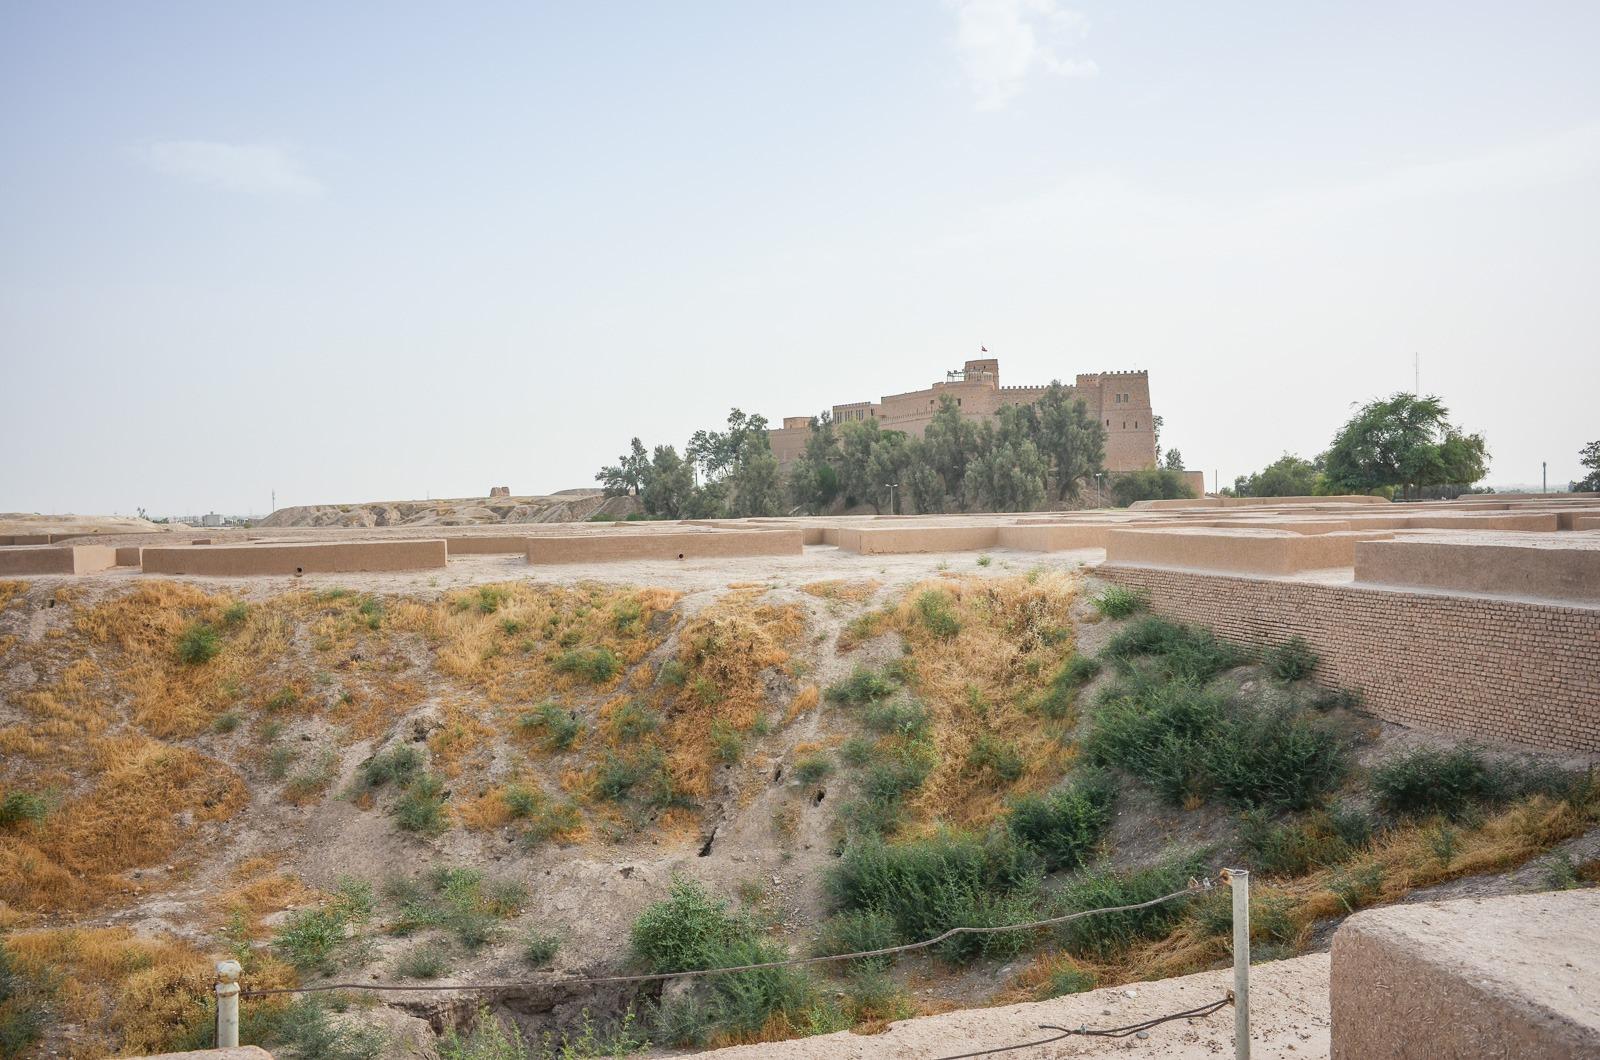 Französische Ausgrabungsloch mit französischer Festung dahinter